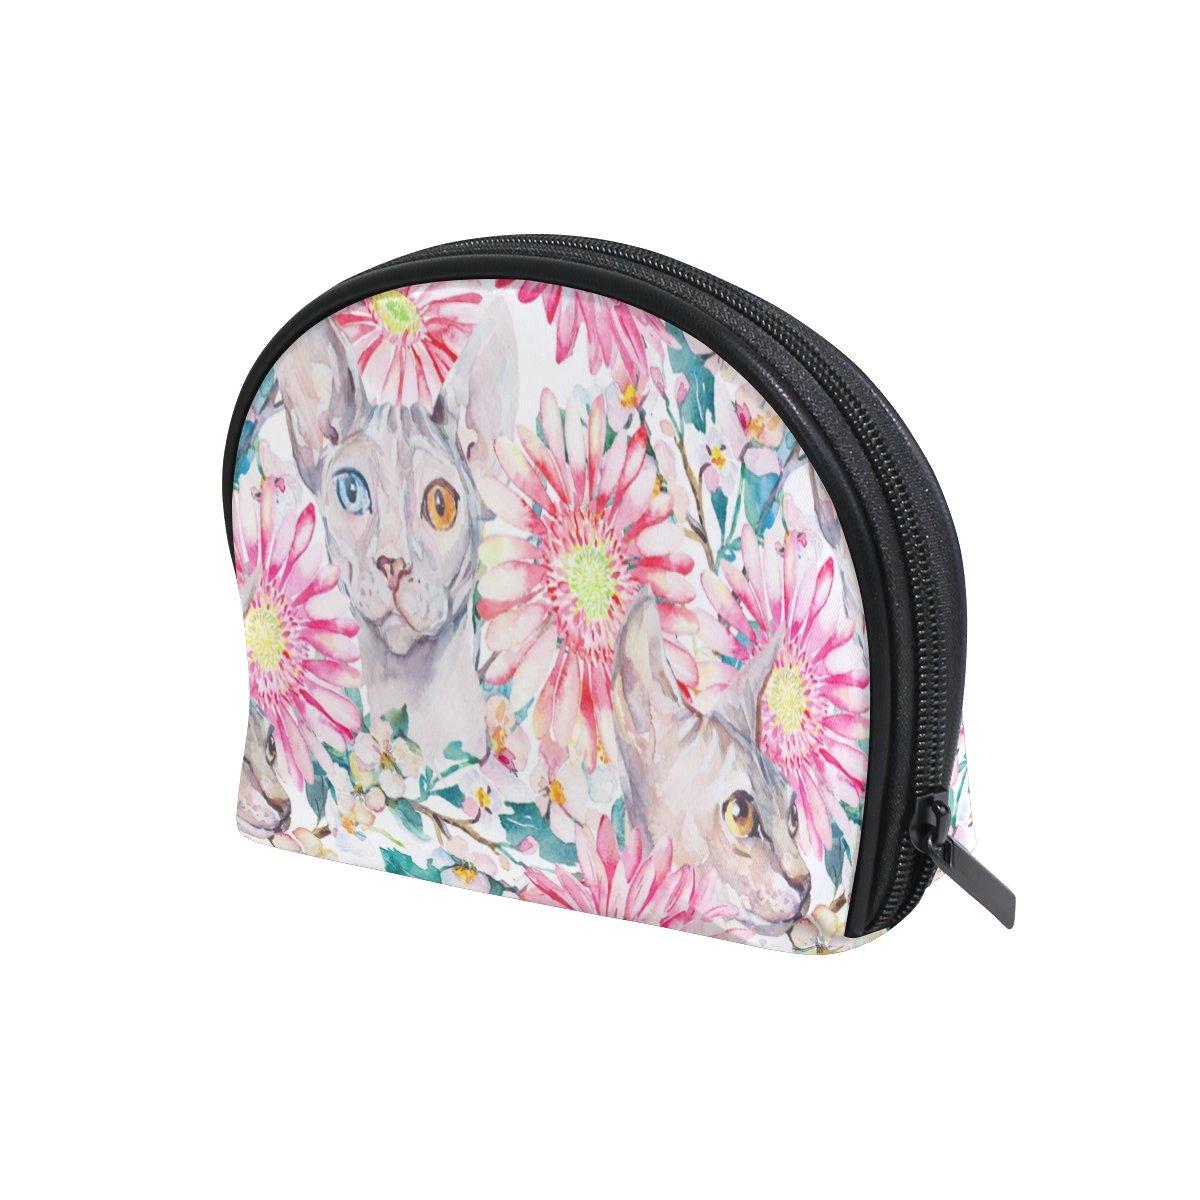 COOSUN - Bolsa de cosméticos para gatos egipcios, bolsa de maquillaje, organizador de viaje, bolsa de aseo para mujer: Amazon.es: Belleza